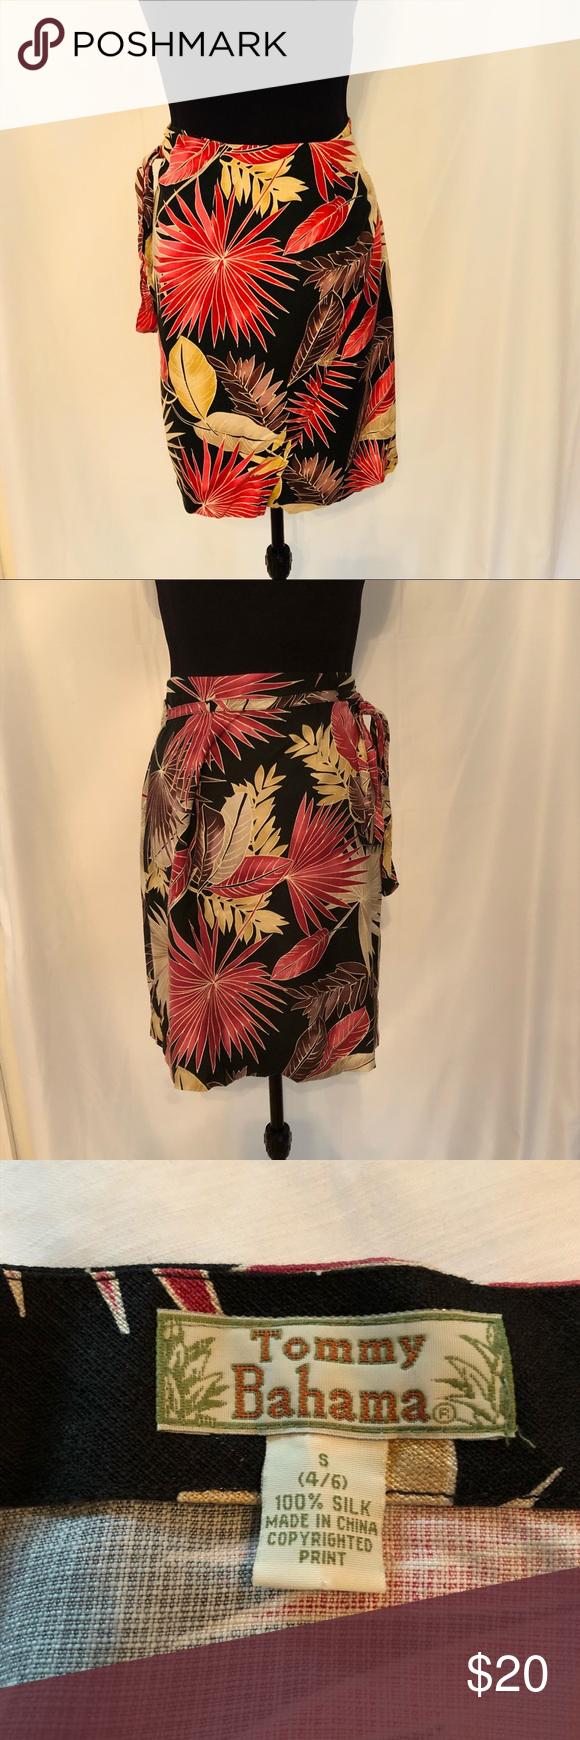 b5e4a5b6feb9 Tommy Bahama Women Black Silk Hibiscus Wrap Skirt Tommy Bahama Women s Black  100% Silk Hibiscus